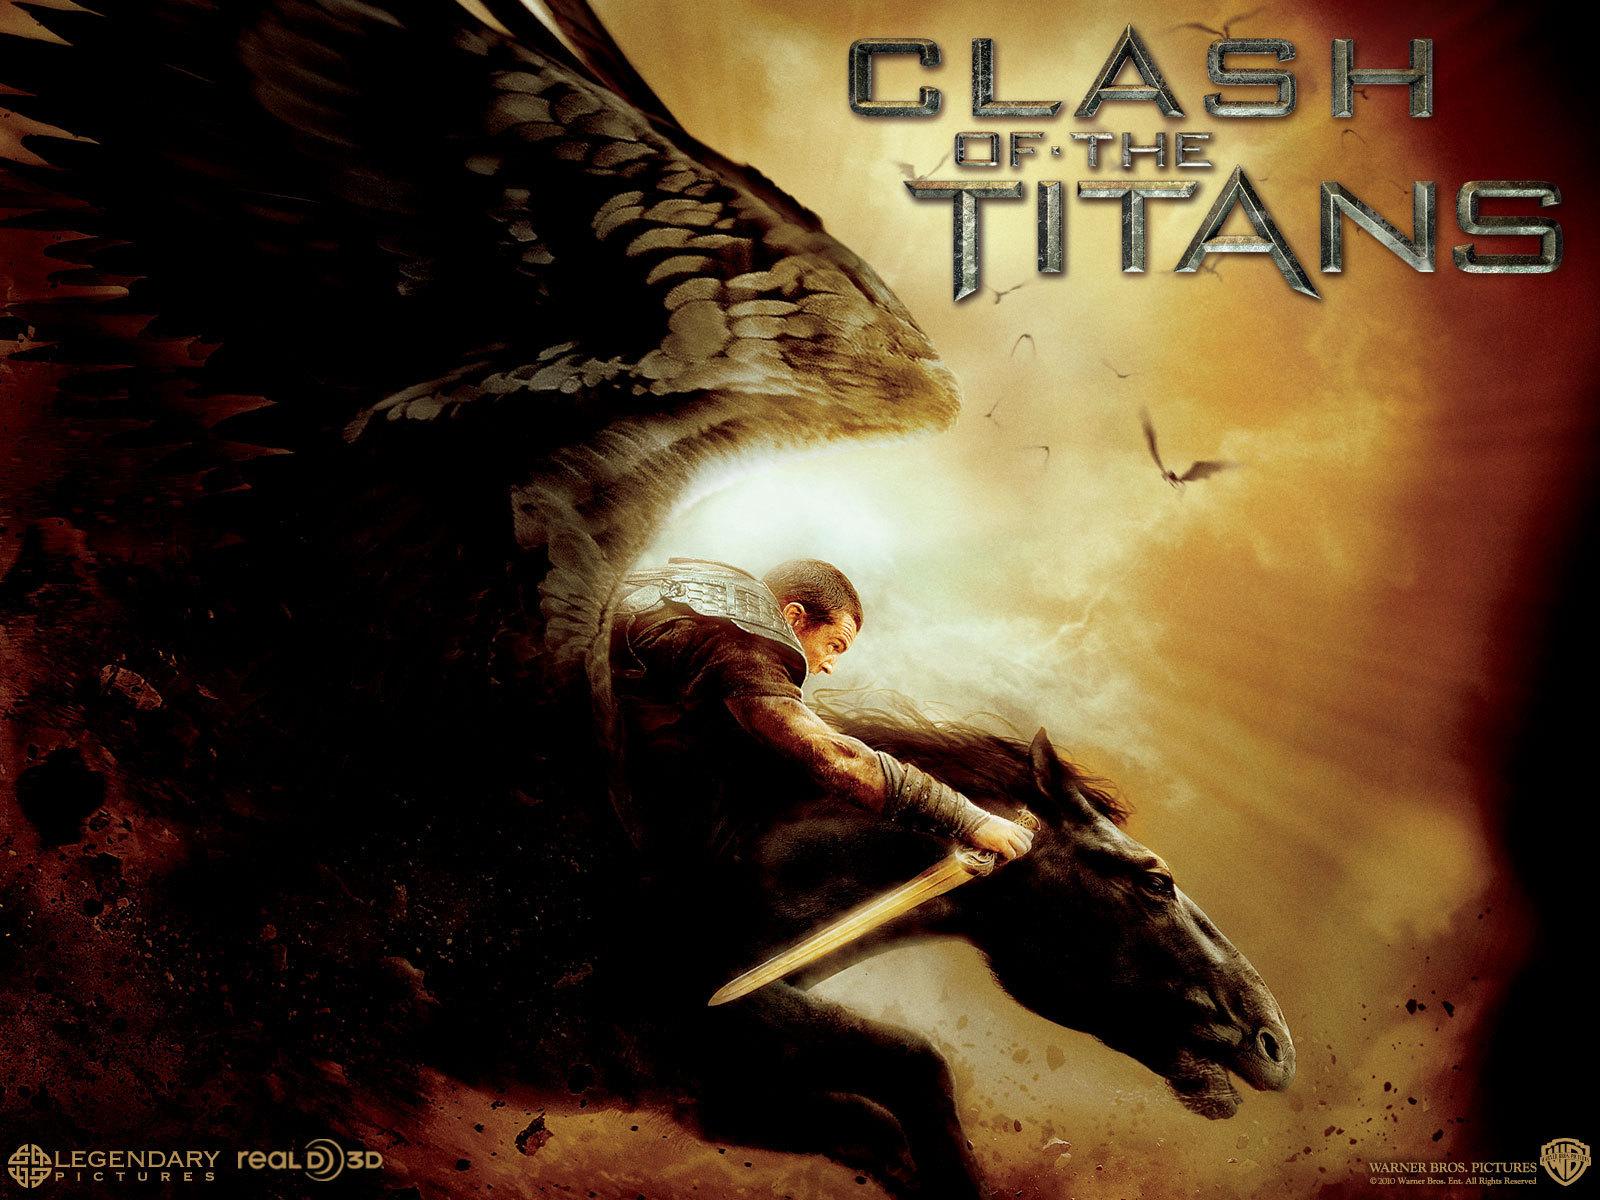 Clash Of The Titans Wallpaper Clash Of The Titans Wallpaper